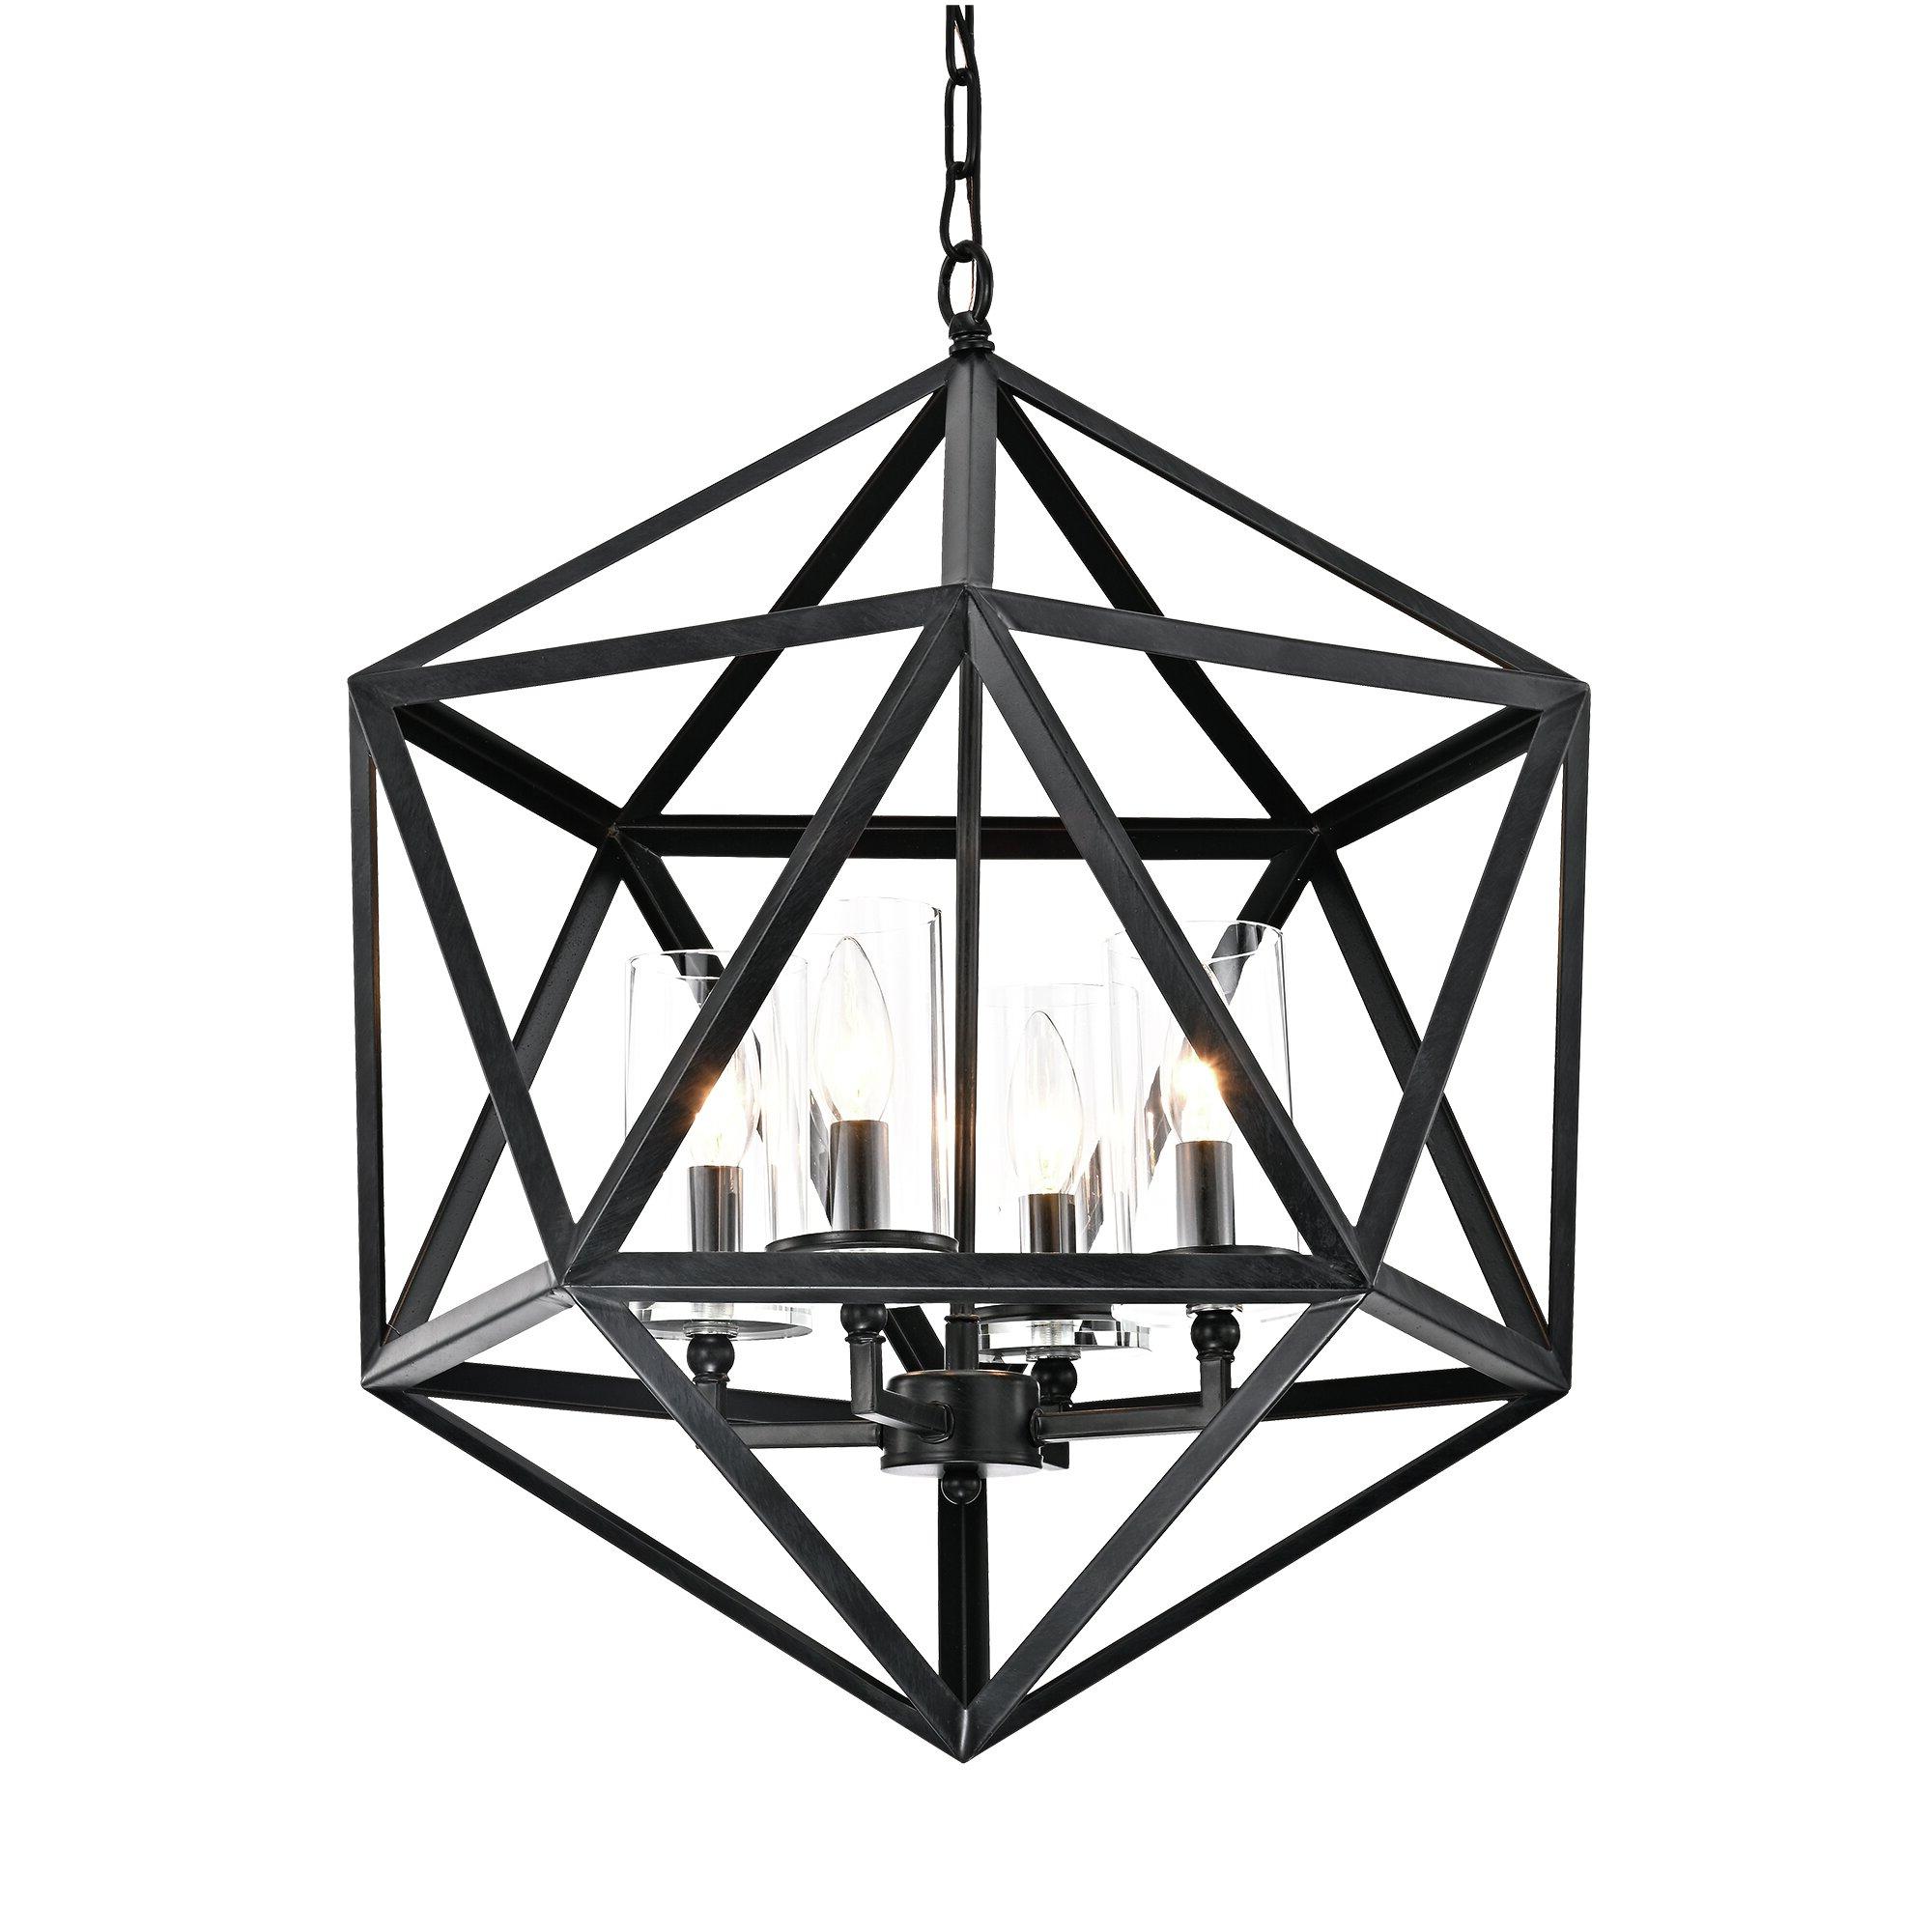 Latest Tabit 5 Light Geometric Chandeliers Inside Venita 4 Light Geometric Chandelier (View 9 of 20)